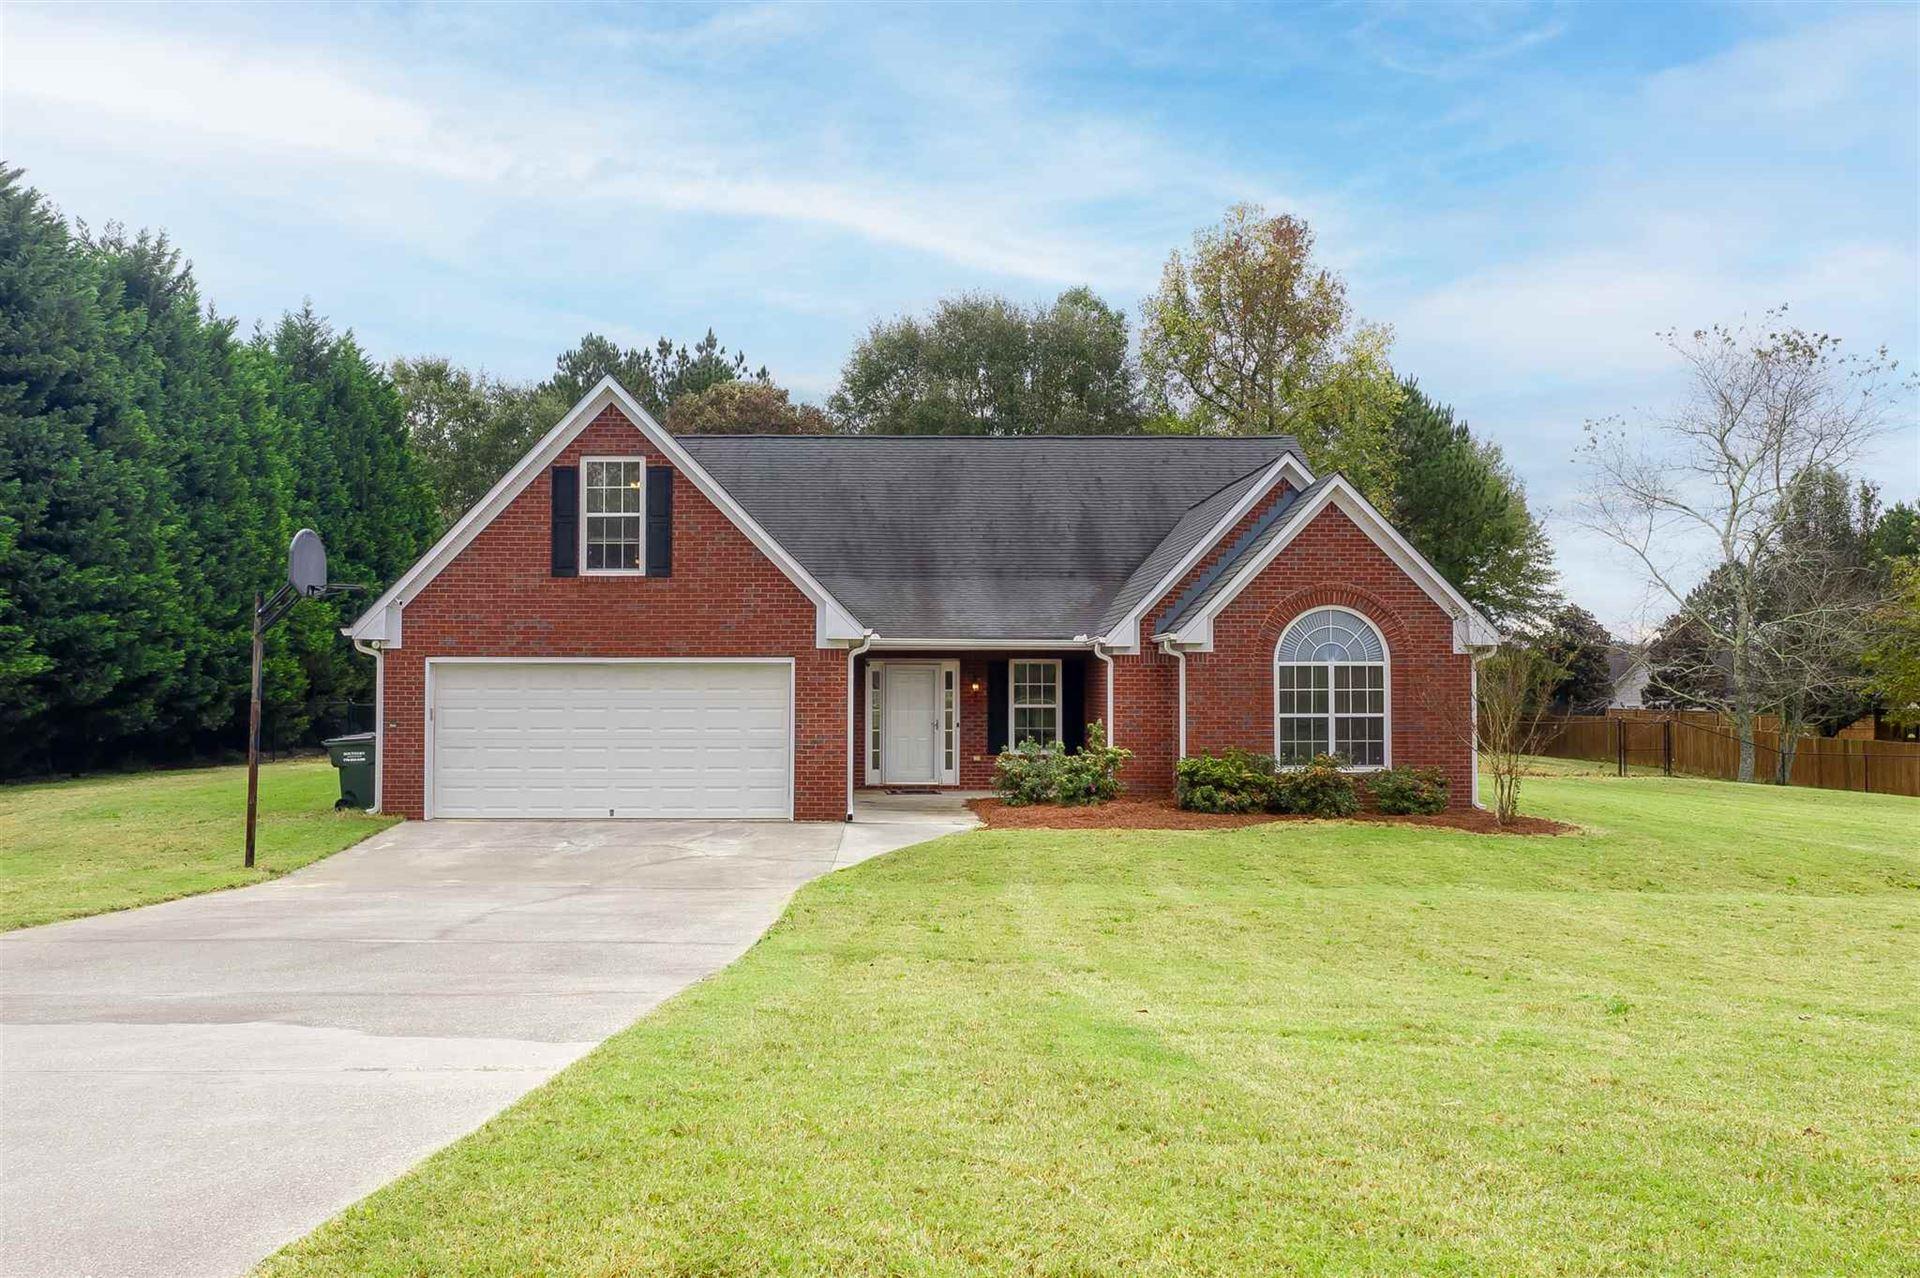 5294 Johnson Spur, Loganville, GA 30052 - MLS#: 8882890